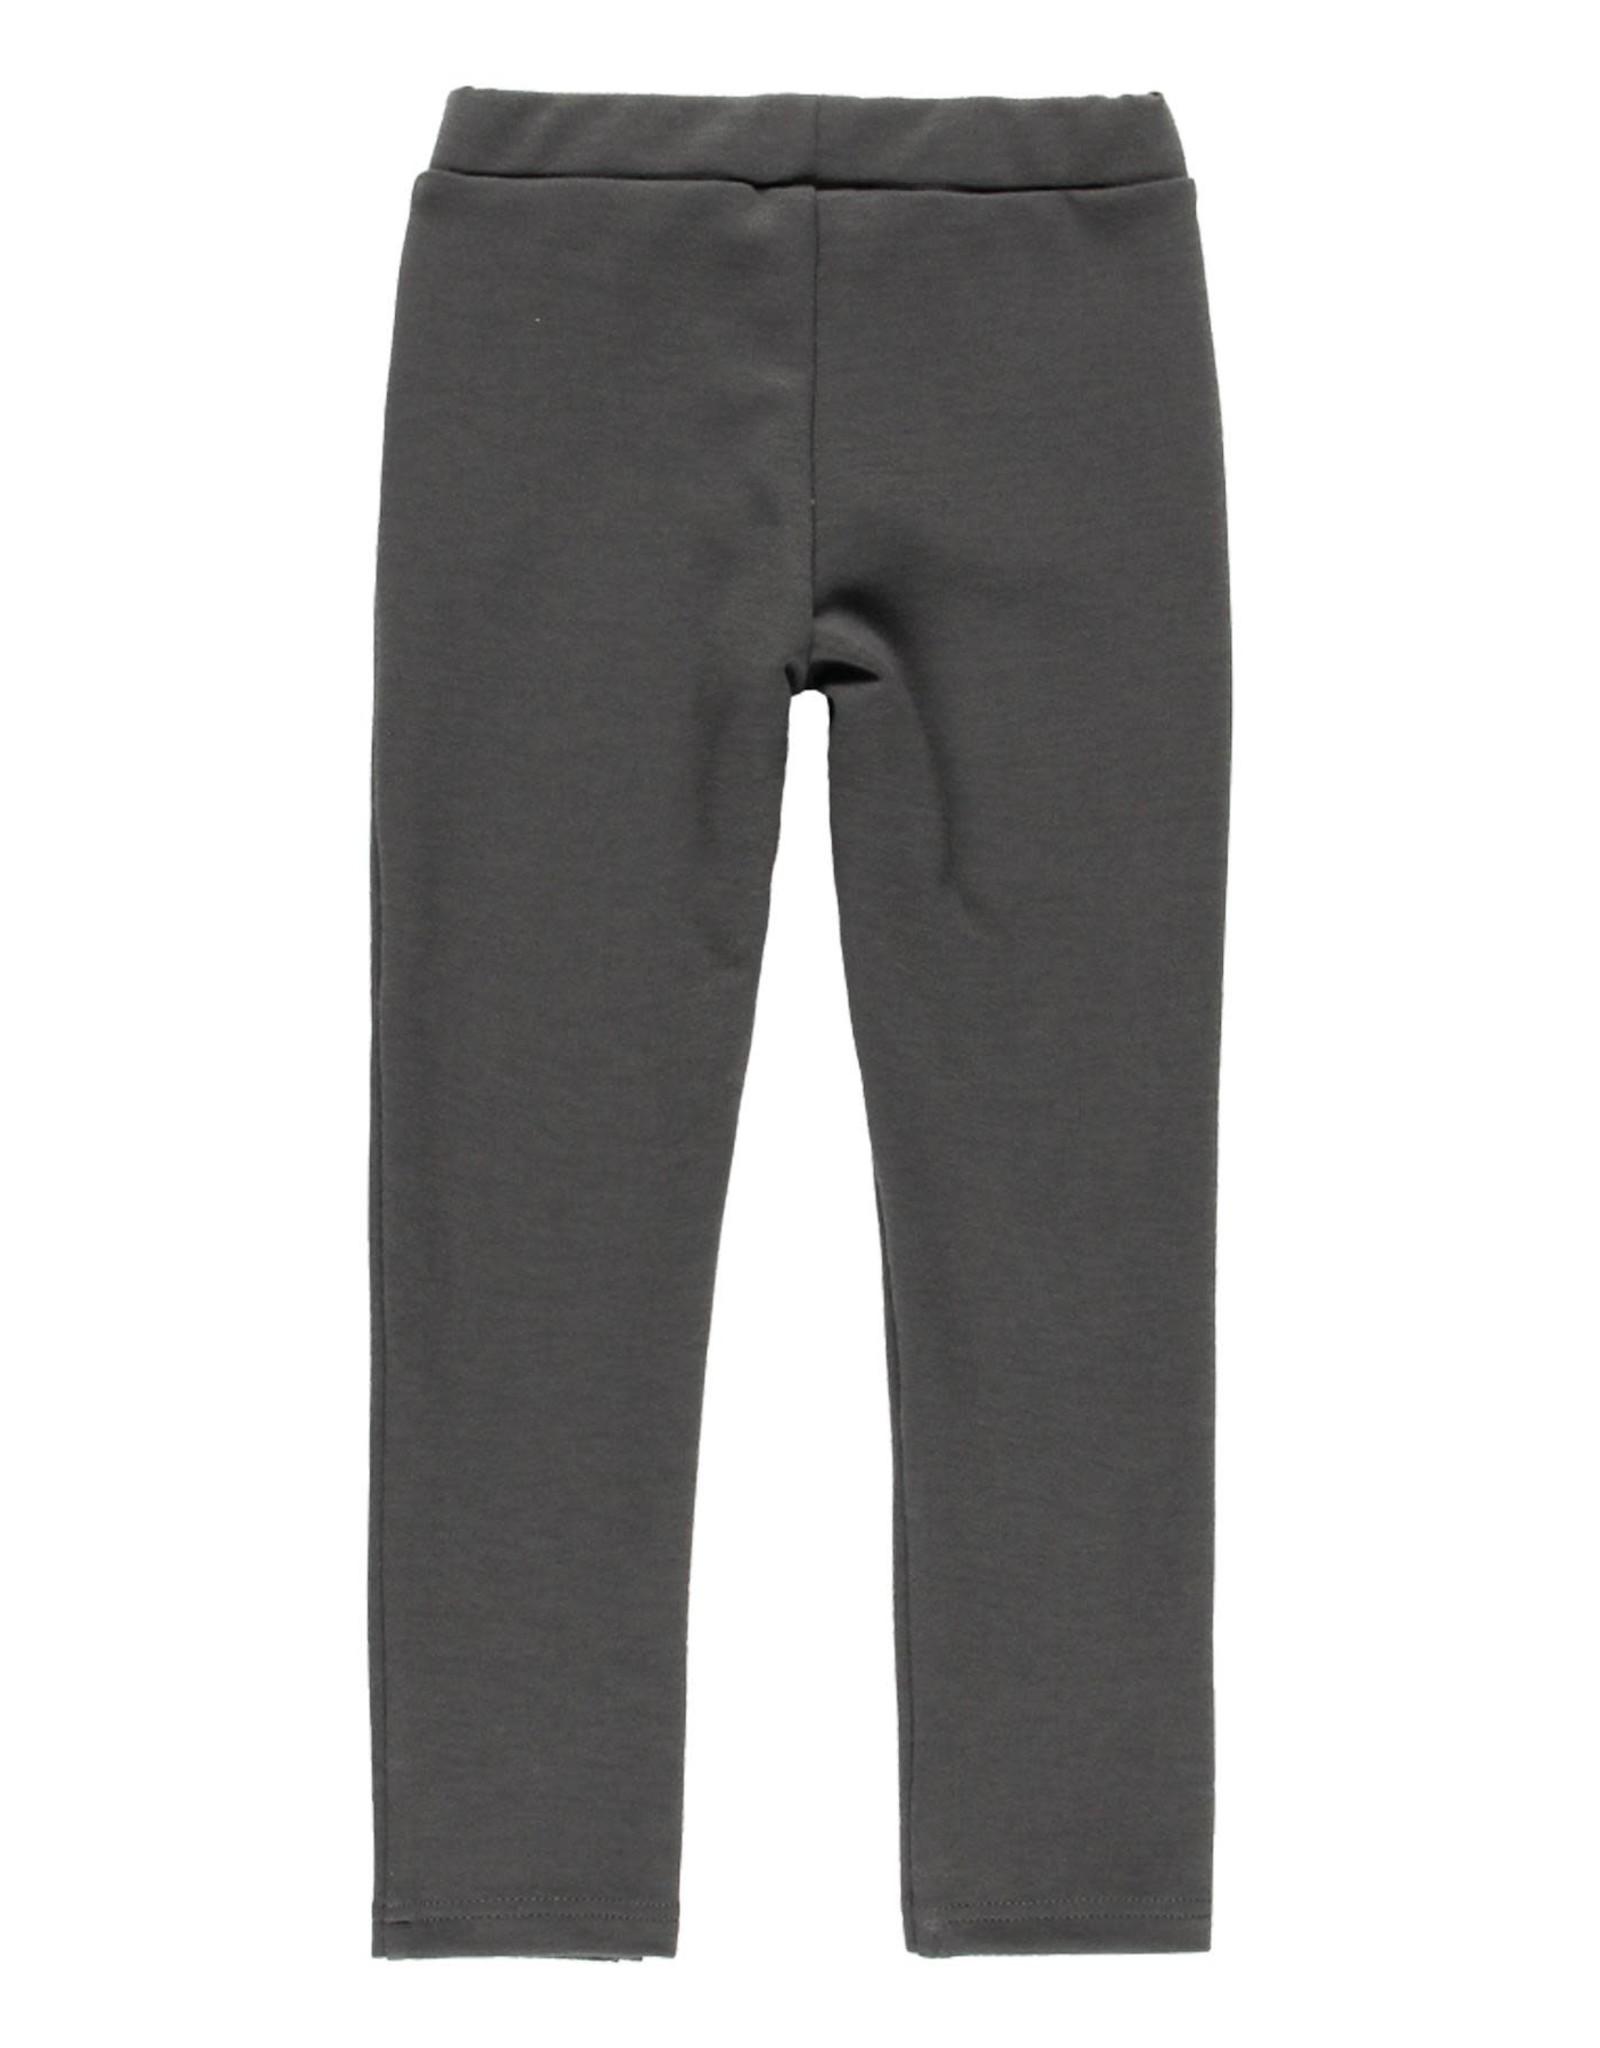 Boboli Pants w/ Zippers - Dark Grey